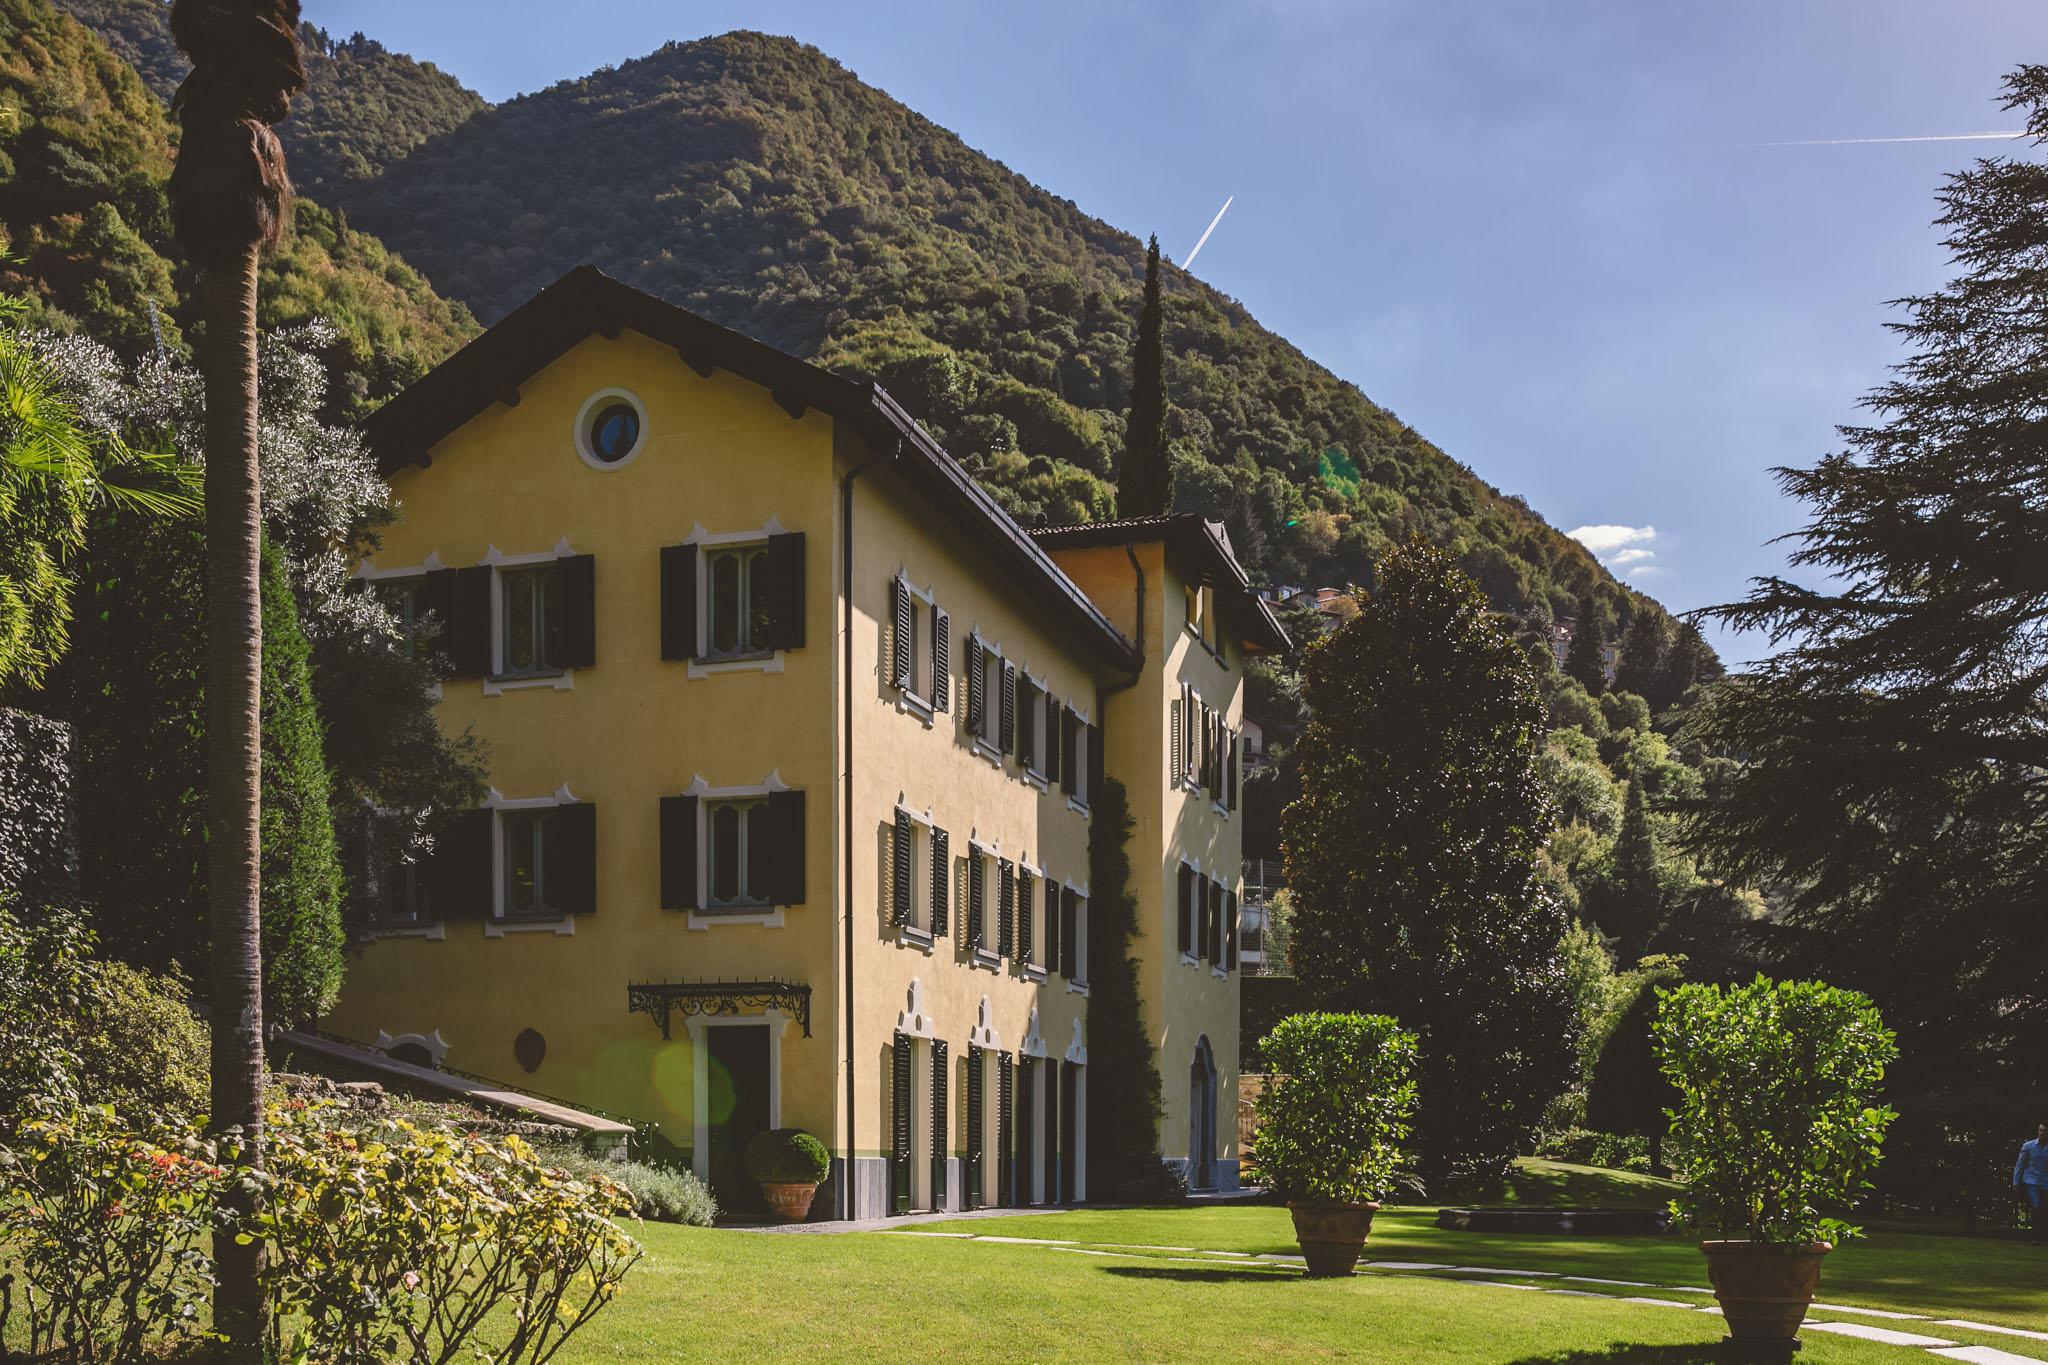 Foto Di Ville Lussuose villa blevio - lake como dmc